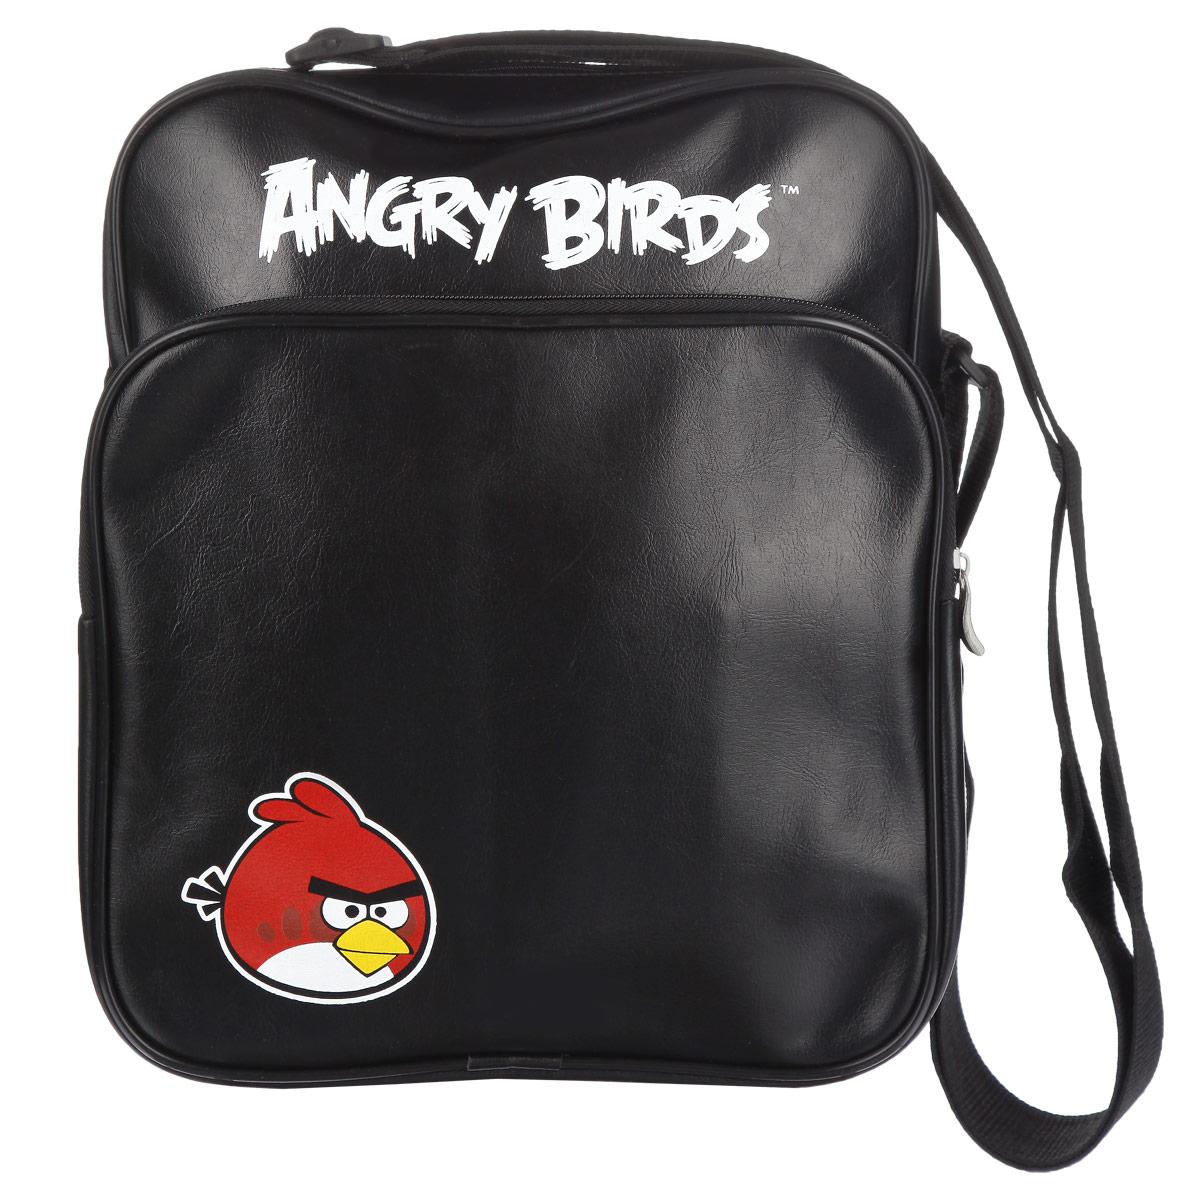 Сумка Angry Birds Красная птица, цвет: черный. 8481284812Сумка молодёжная Angry Birds Красная птица сочетает в себе современный дизайн, функциональность и долговечность. Сумка выполнена из кожзаменителя и содержит одно вместительное отделение, застегивающееся на застежку-молнию. Внутри имеется дополнительный карман-разделитель на молнии. На лицевой стороне сумки находятся карман на застежке-молнии. Внутри имеется нашивной карман и фиксаторы для пишущих принадлежностей. На задней стороне сумка имеет дополнительный карман на молнии. Сумка оснащена плечевым ремнем, регулируемой длины.